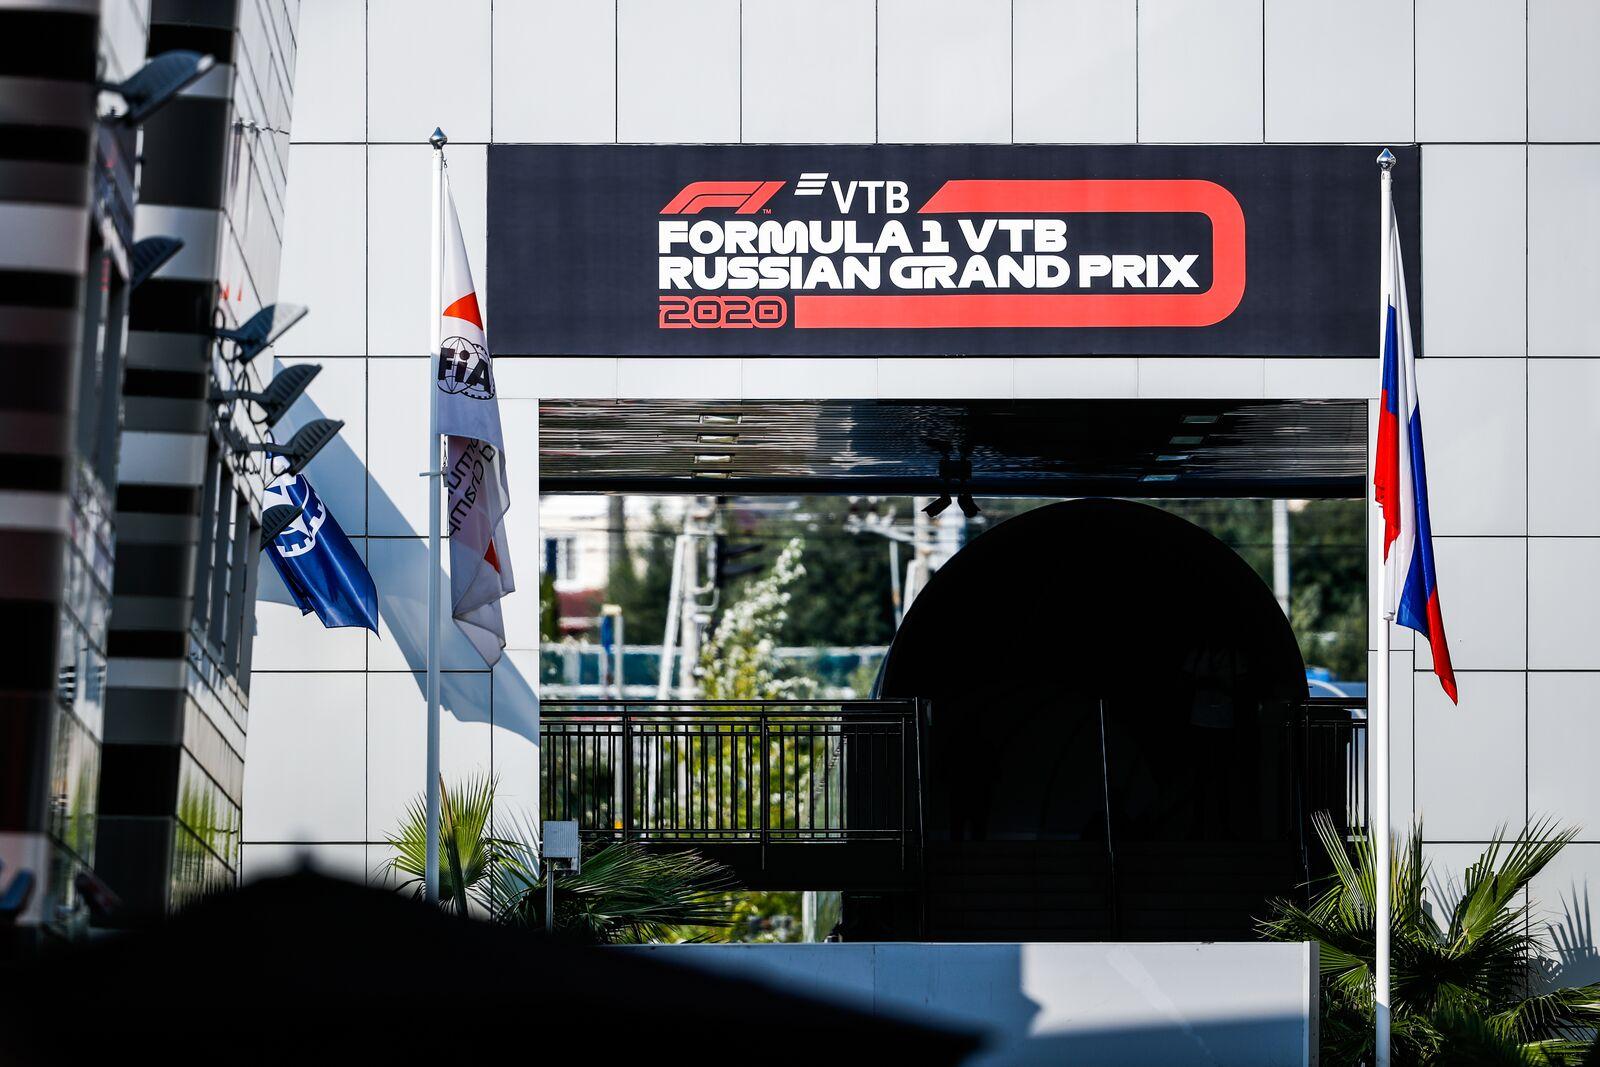 Ismét rekordmennyiségű koronavírusost találtak az F1-ben